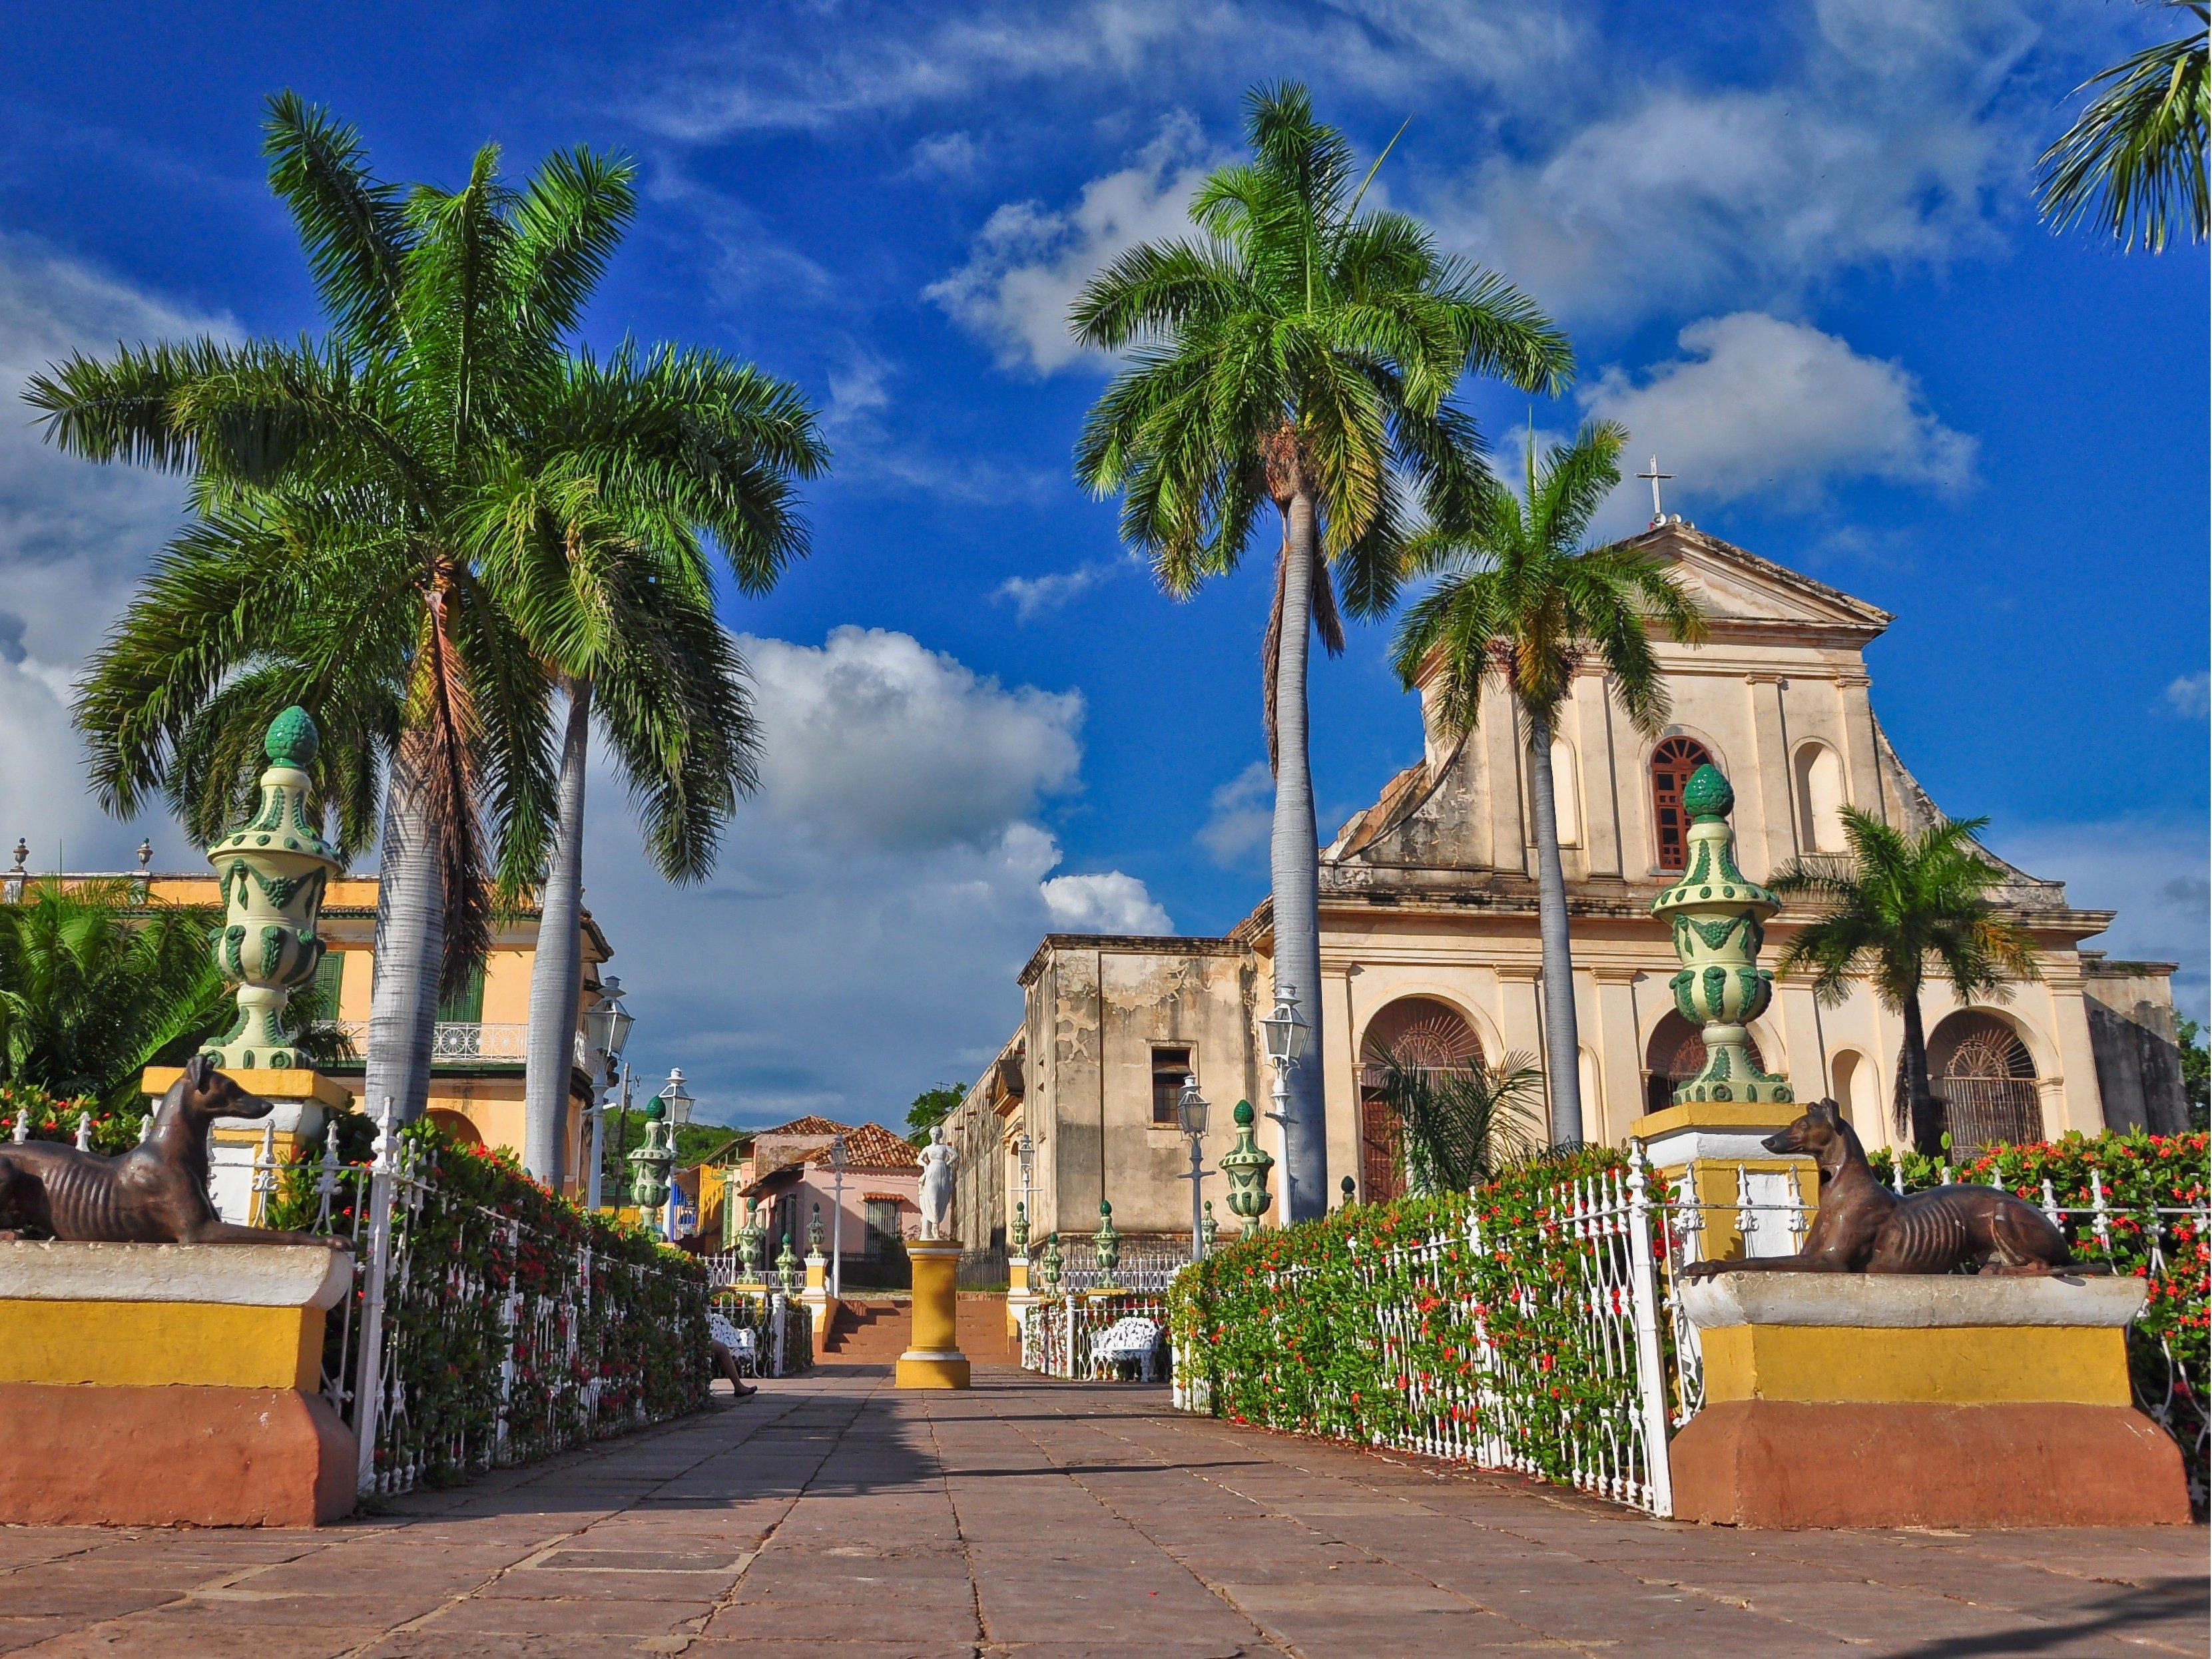 1. Trinidad, Cuba